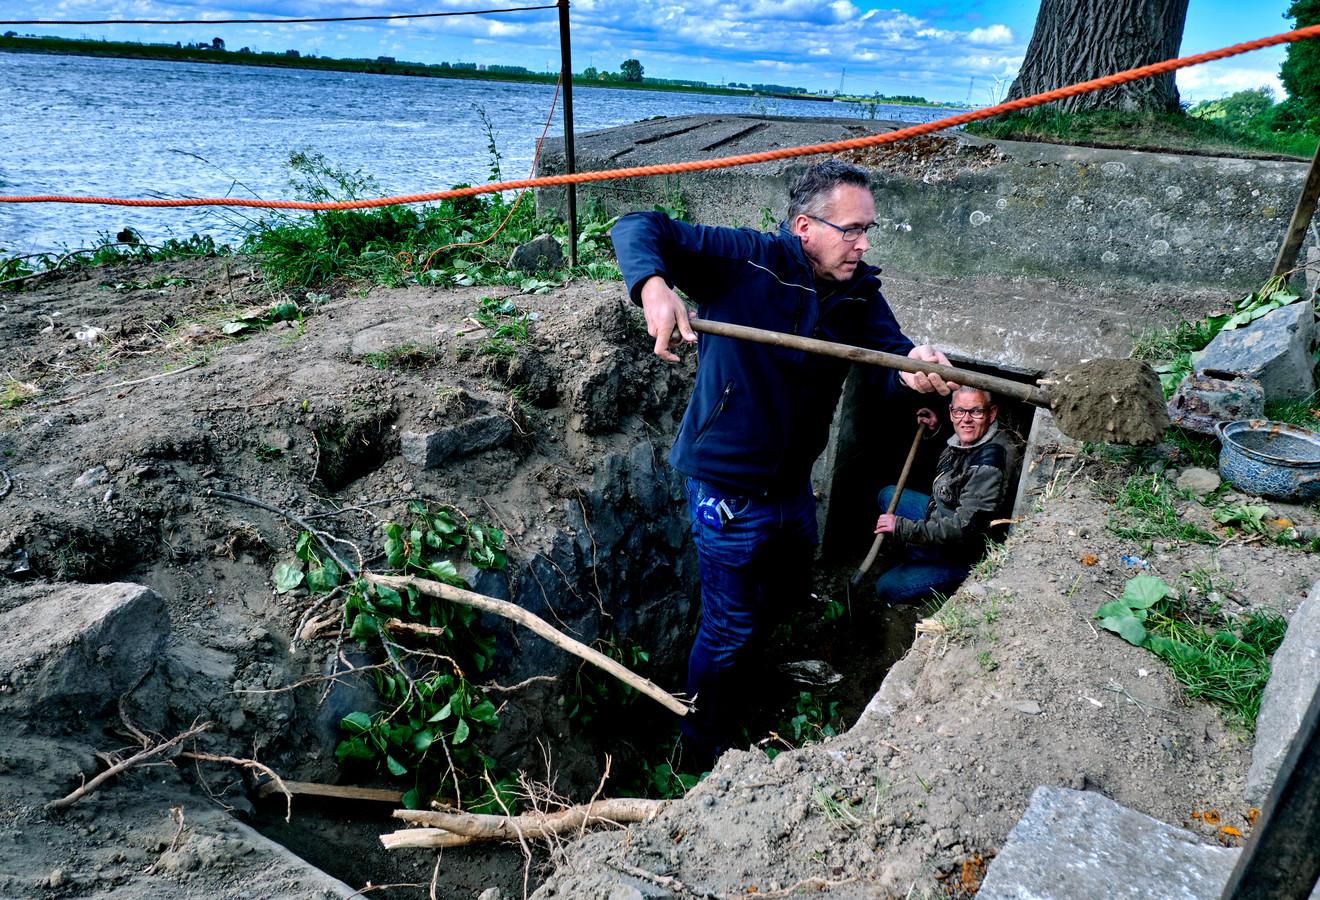 Wim Schrijvershof en Nick Vermaat van de Stichting Bunkerbehoud Dordrecht aan het werk in de loopgraaf naast de bunker.